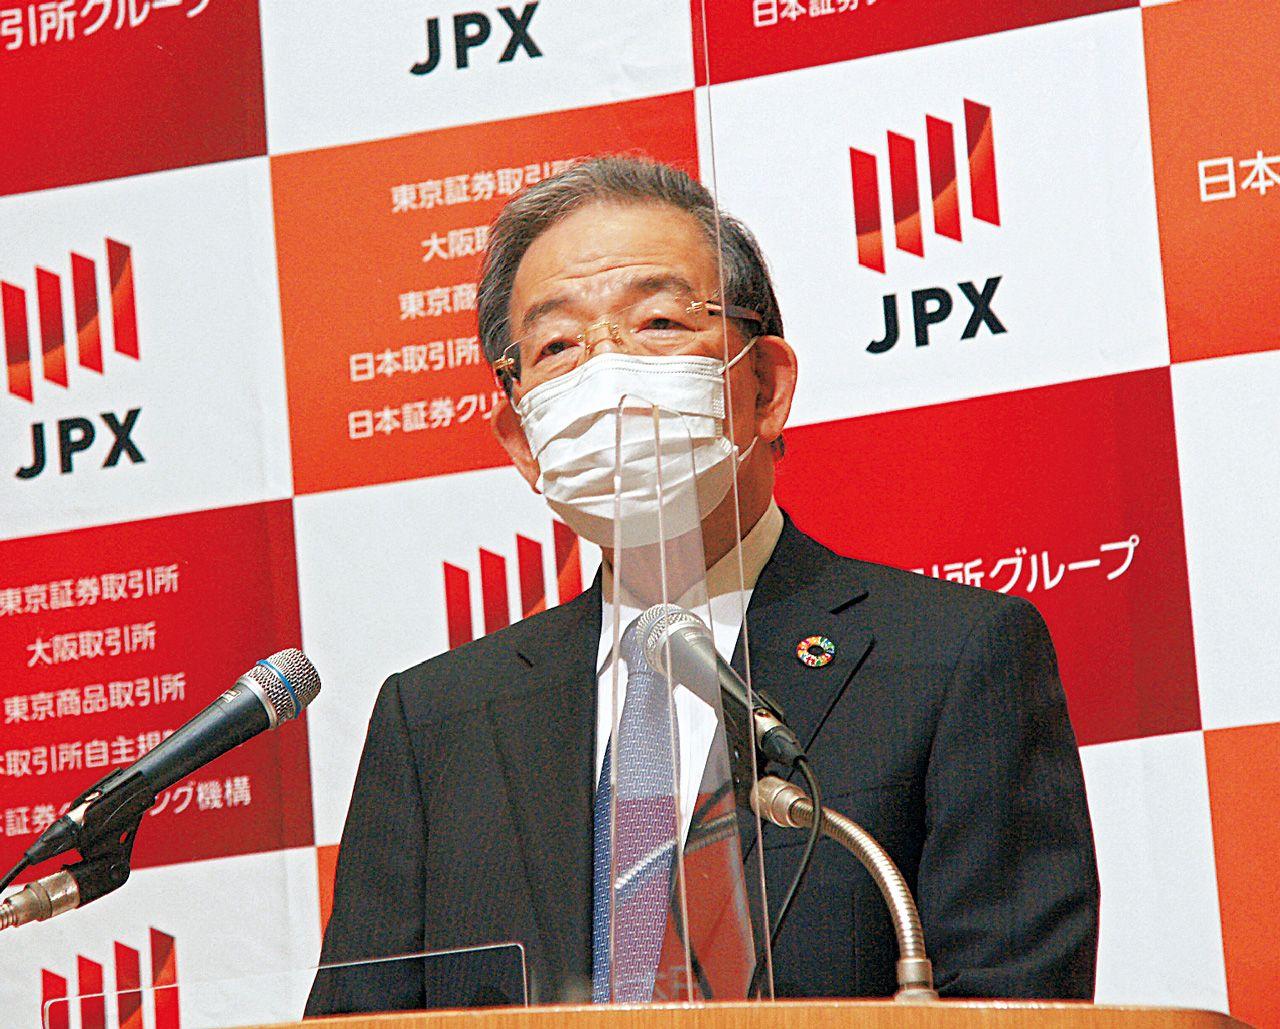 富士通 東証 システム 障害